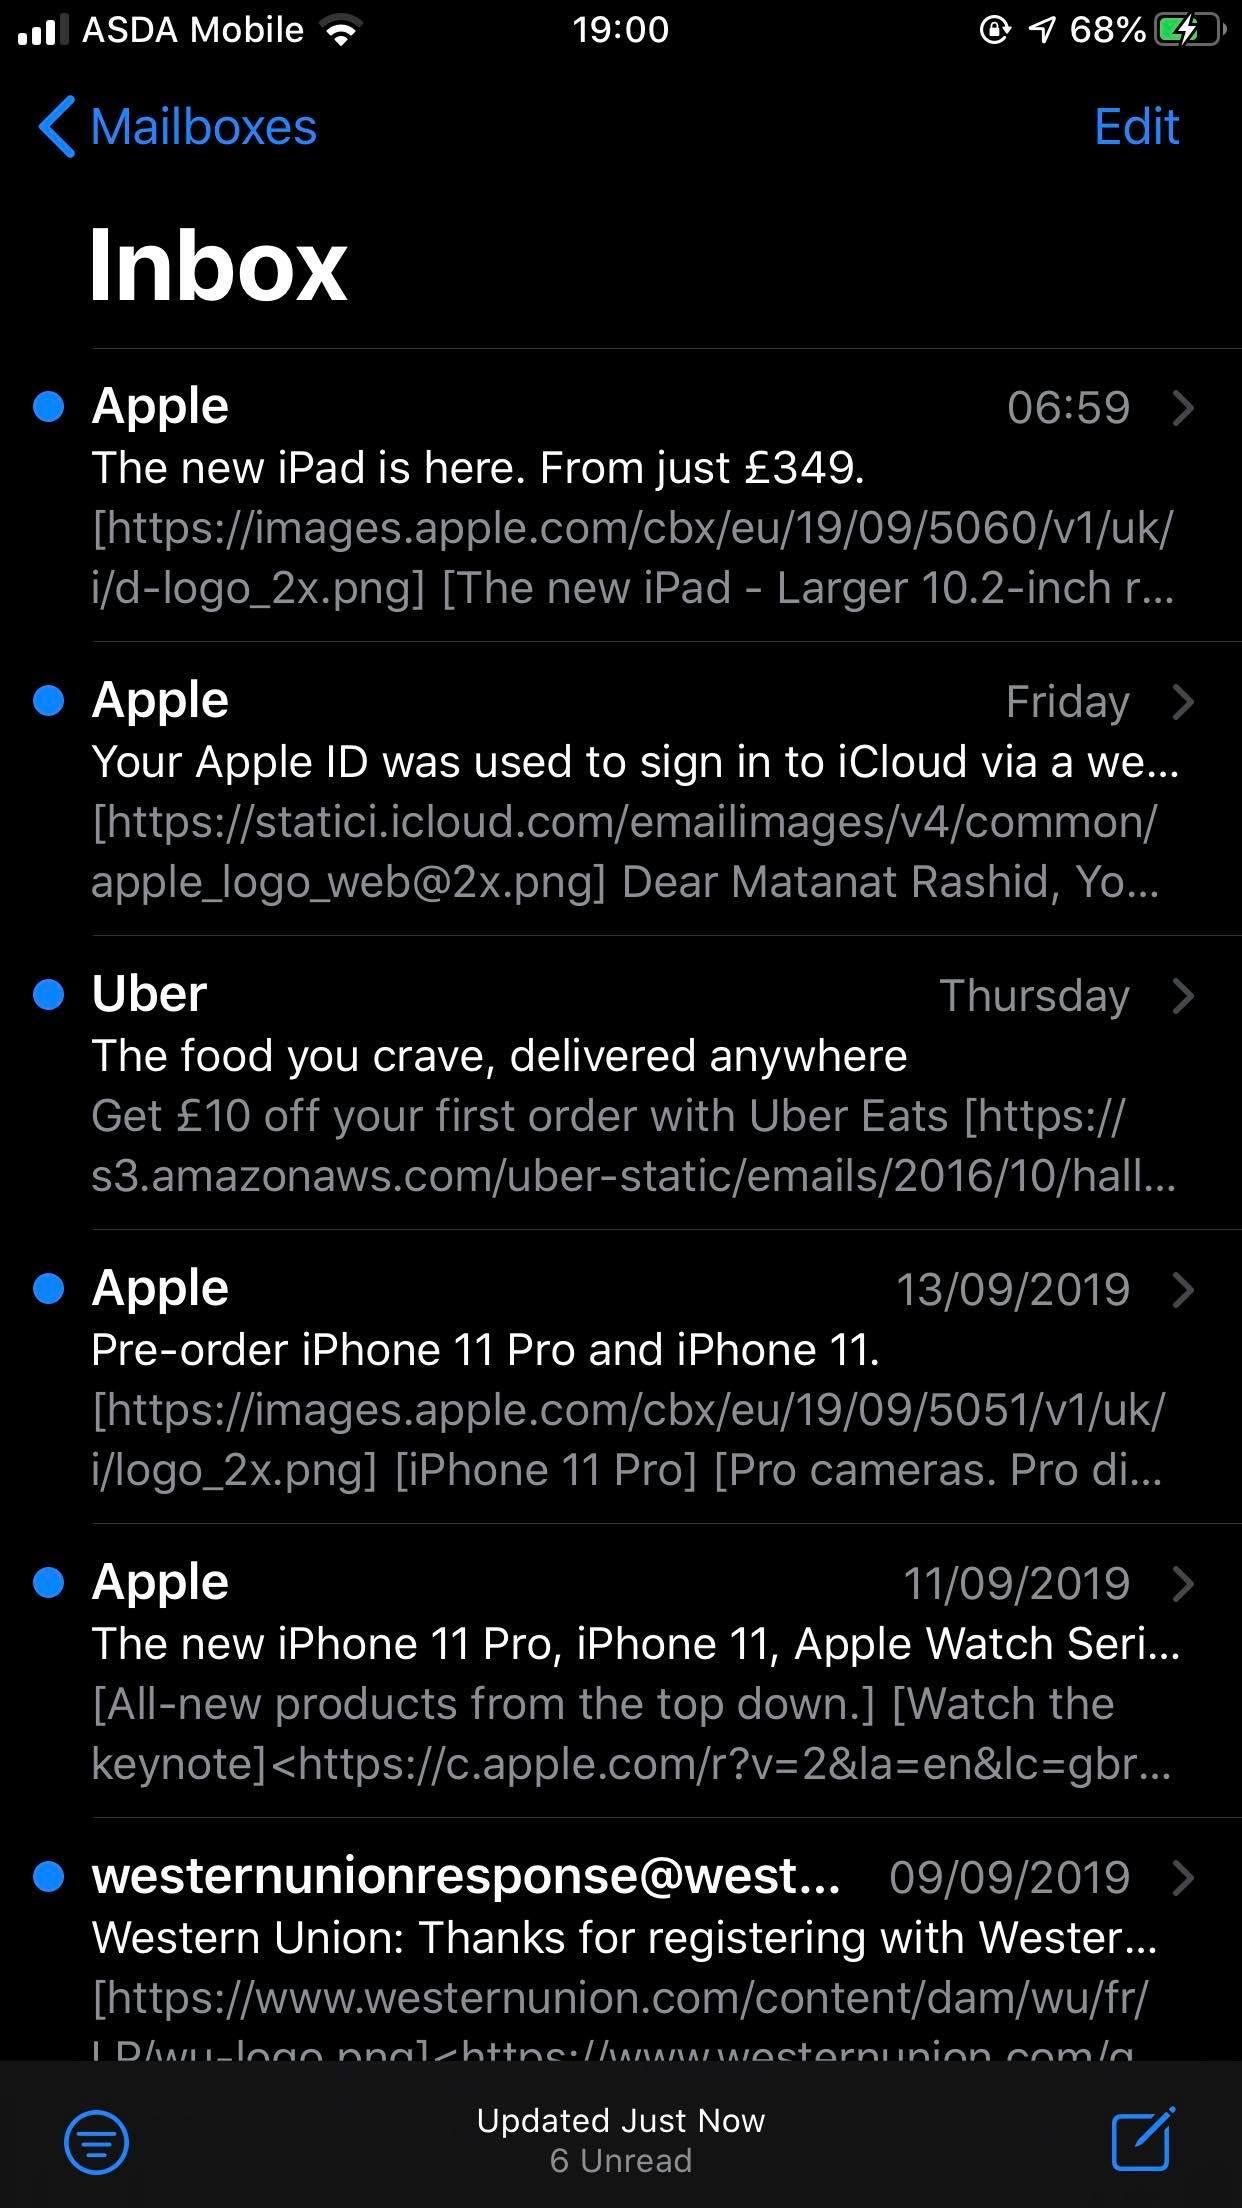 Cómo marcar todos los correos electrónicos como leídos en el iPhone 1